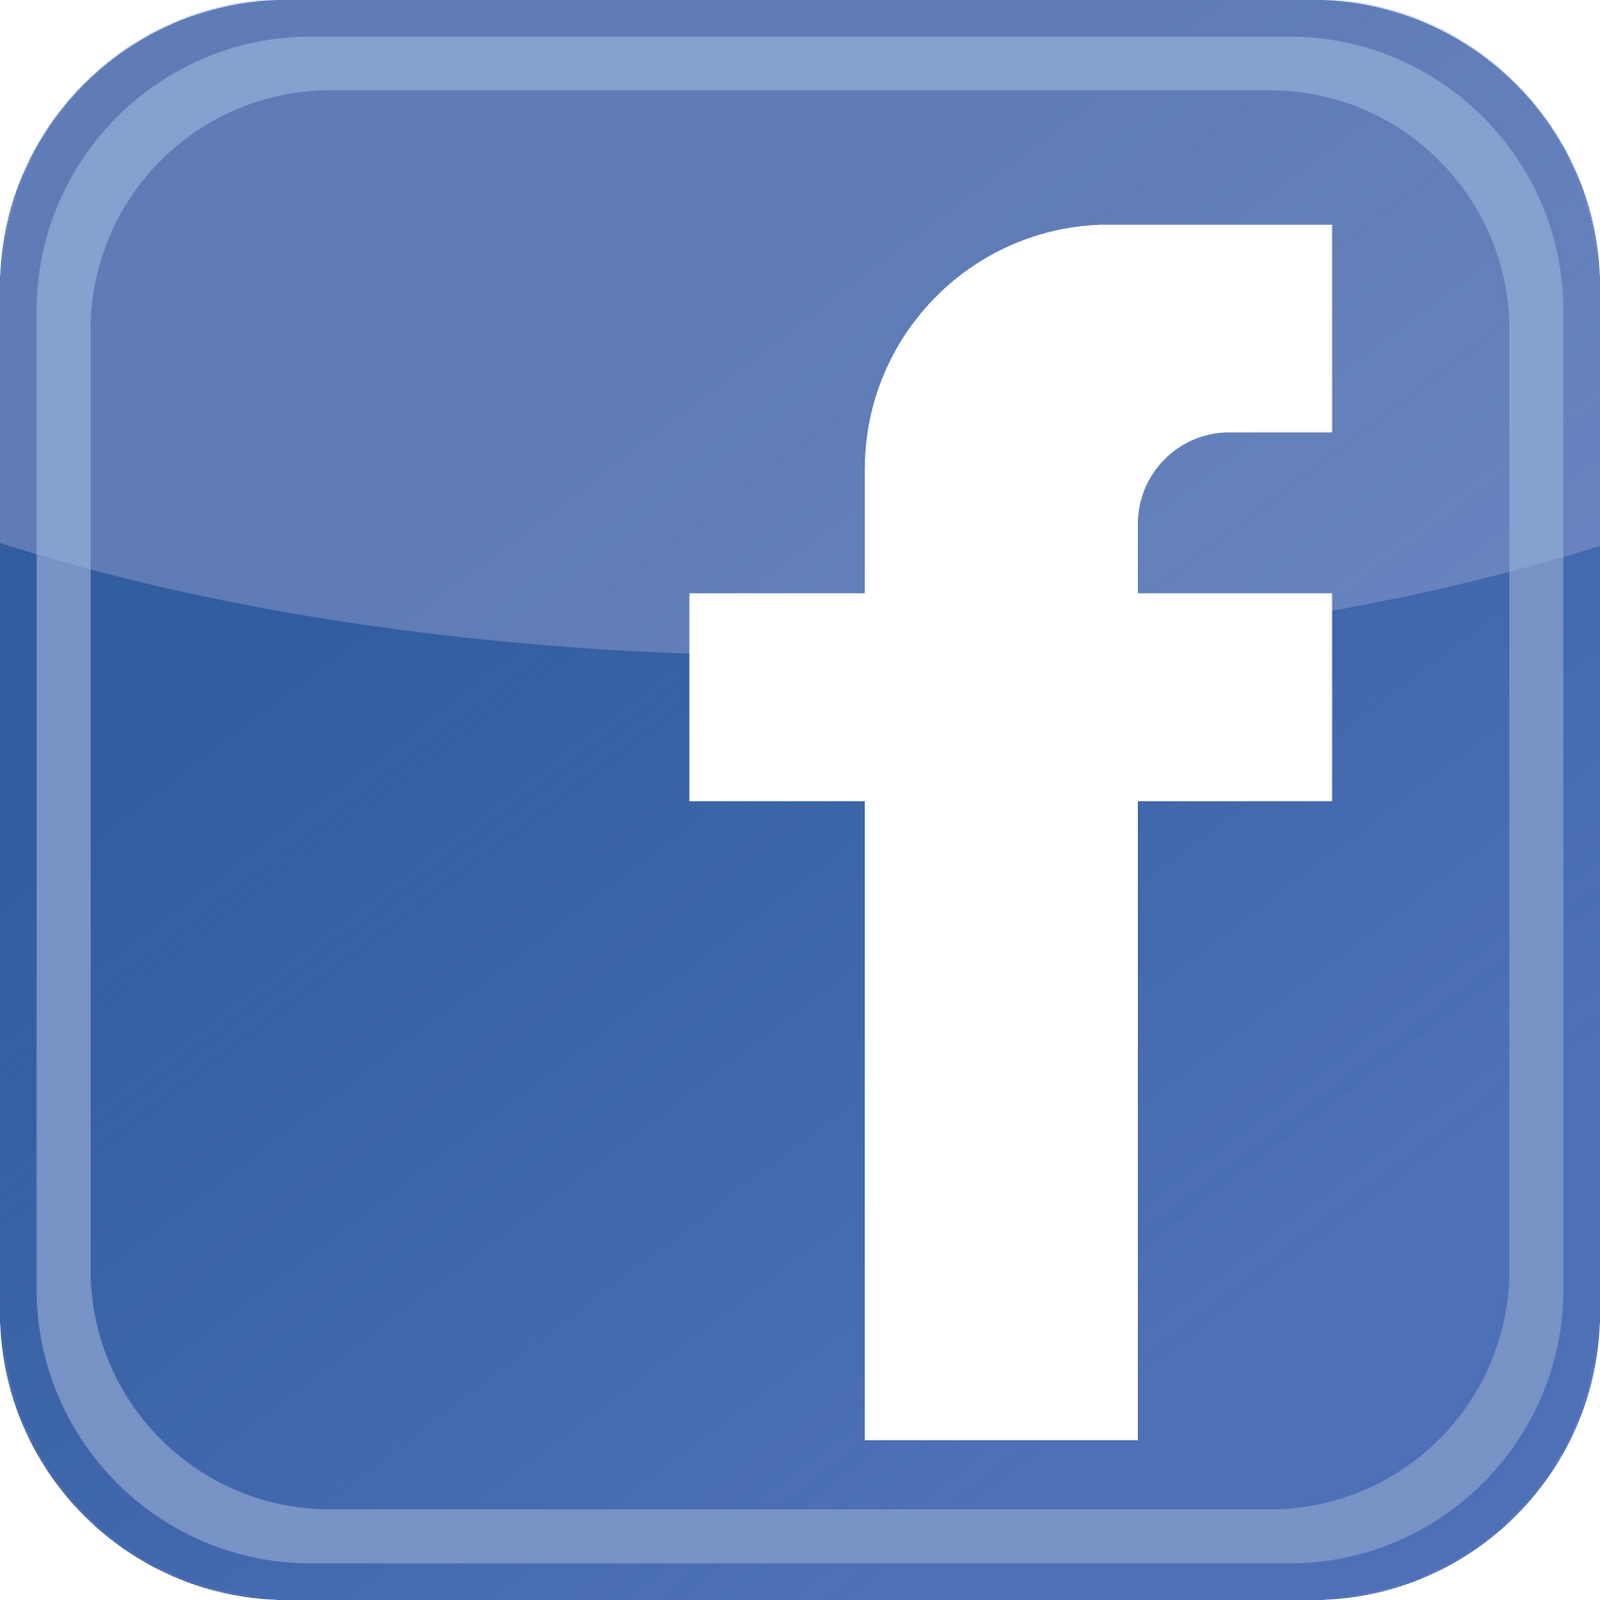 facebook 1600 x 1600.png